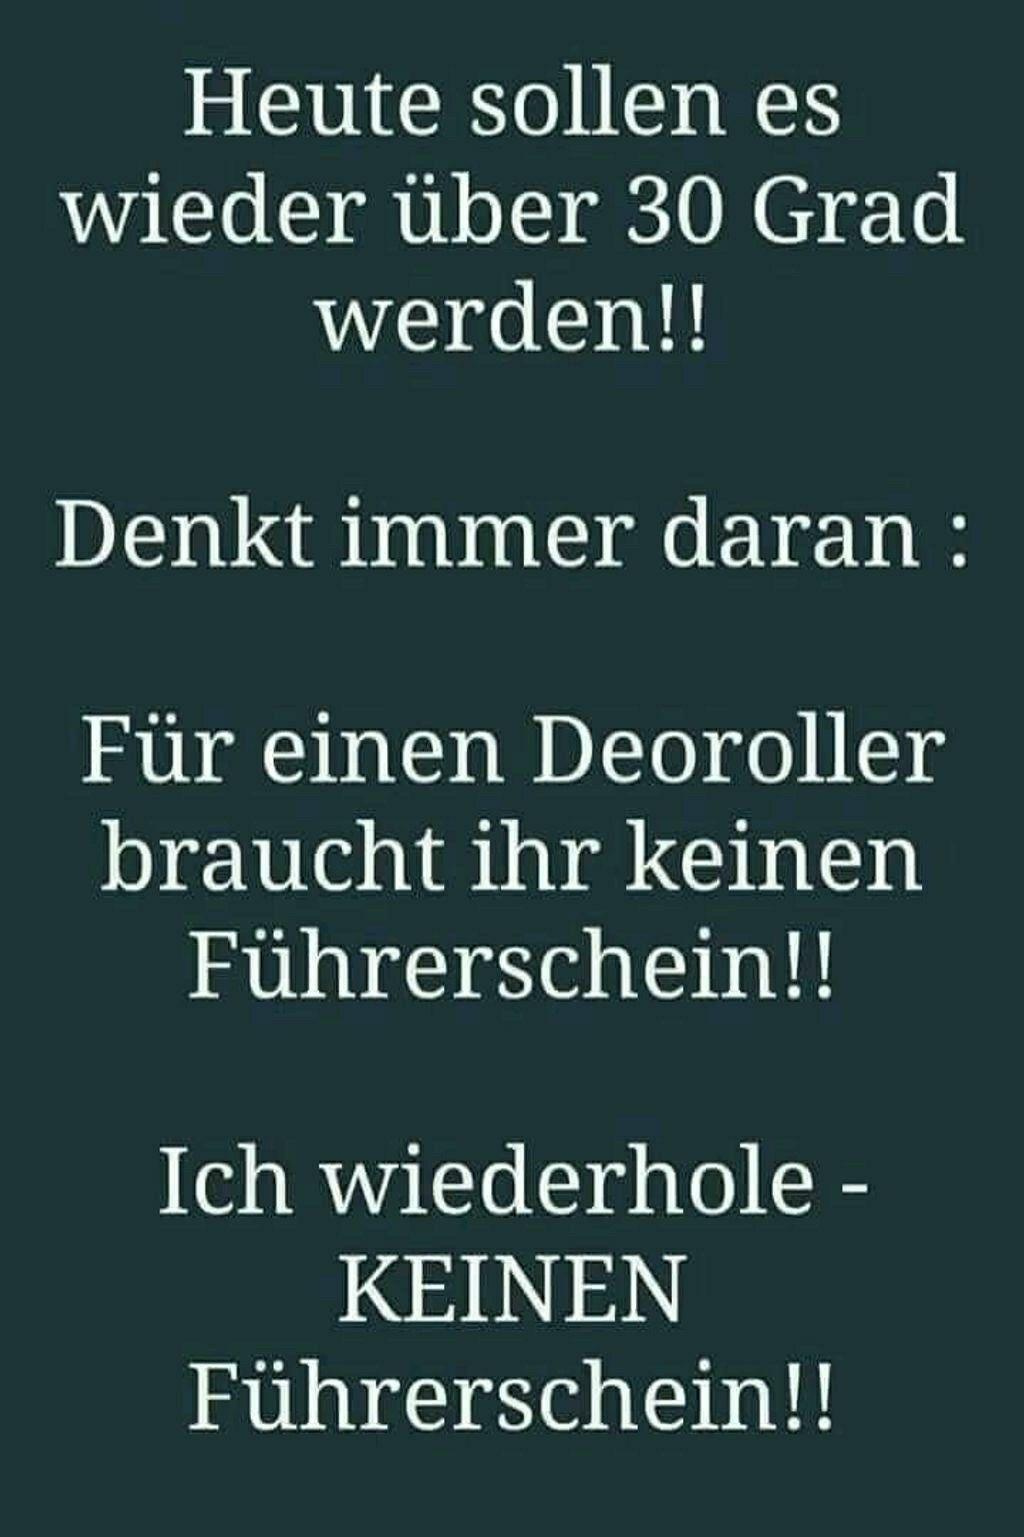 Pin von Birgit Reinhold auf Sprüche   Hitze lustig ...